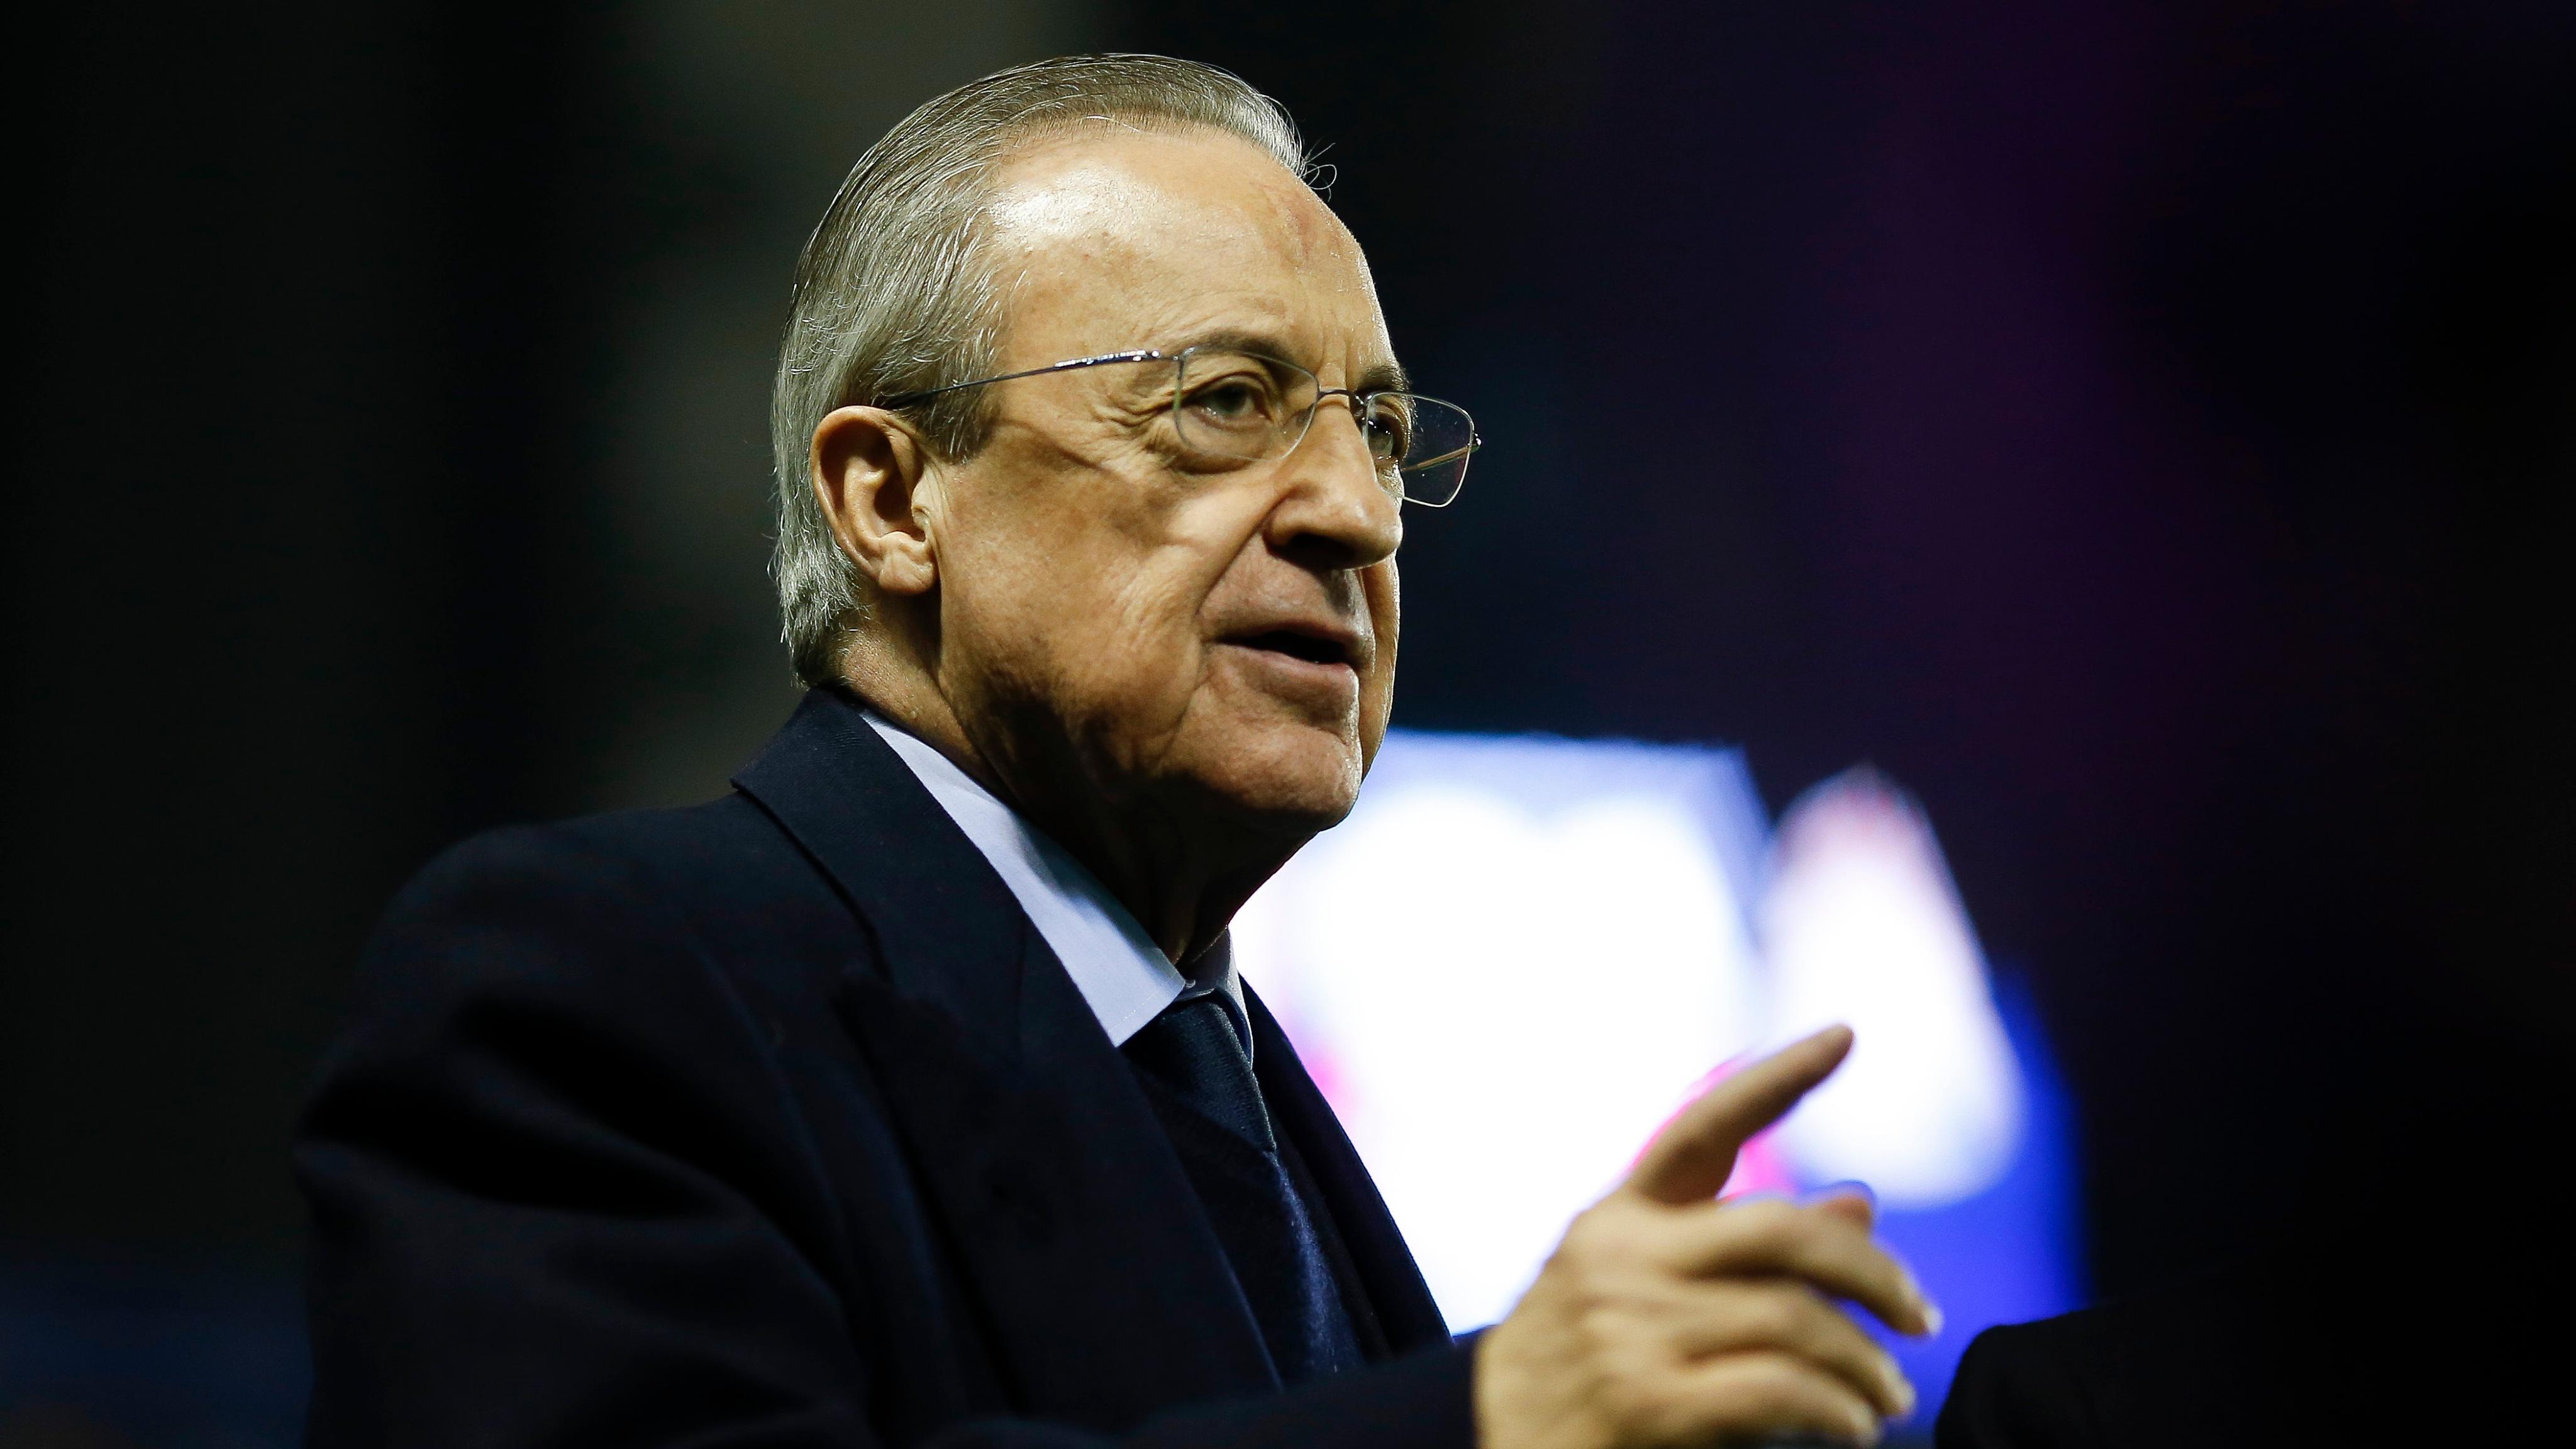 欧洲超级联赛计划崩溃 皇马主席该想想如何量入为出